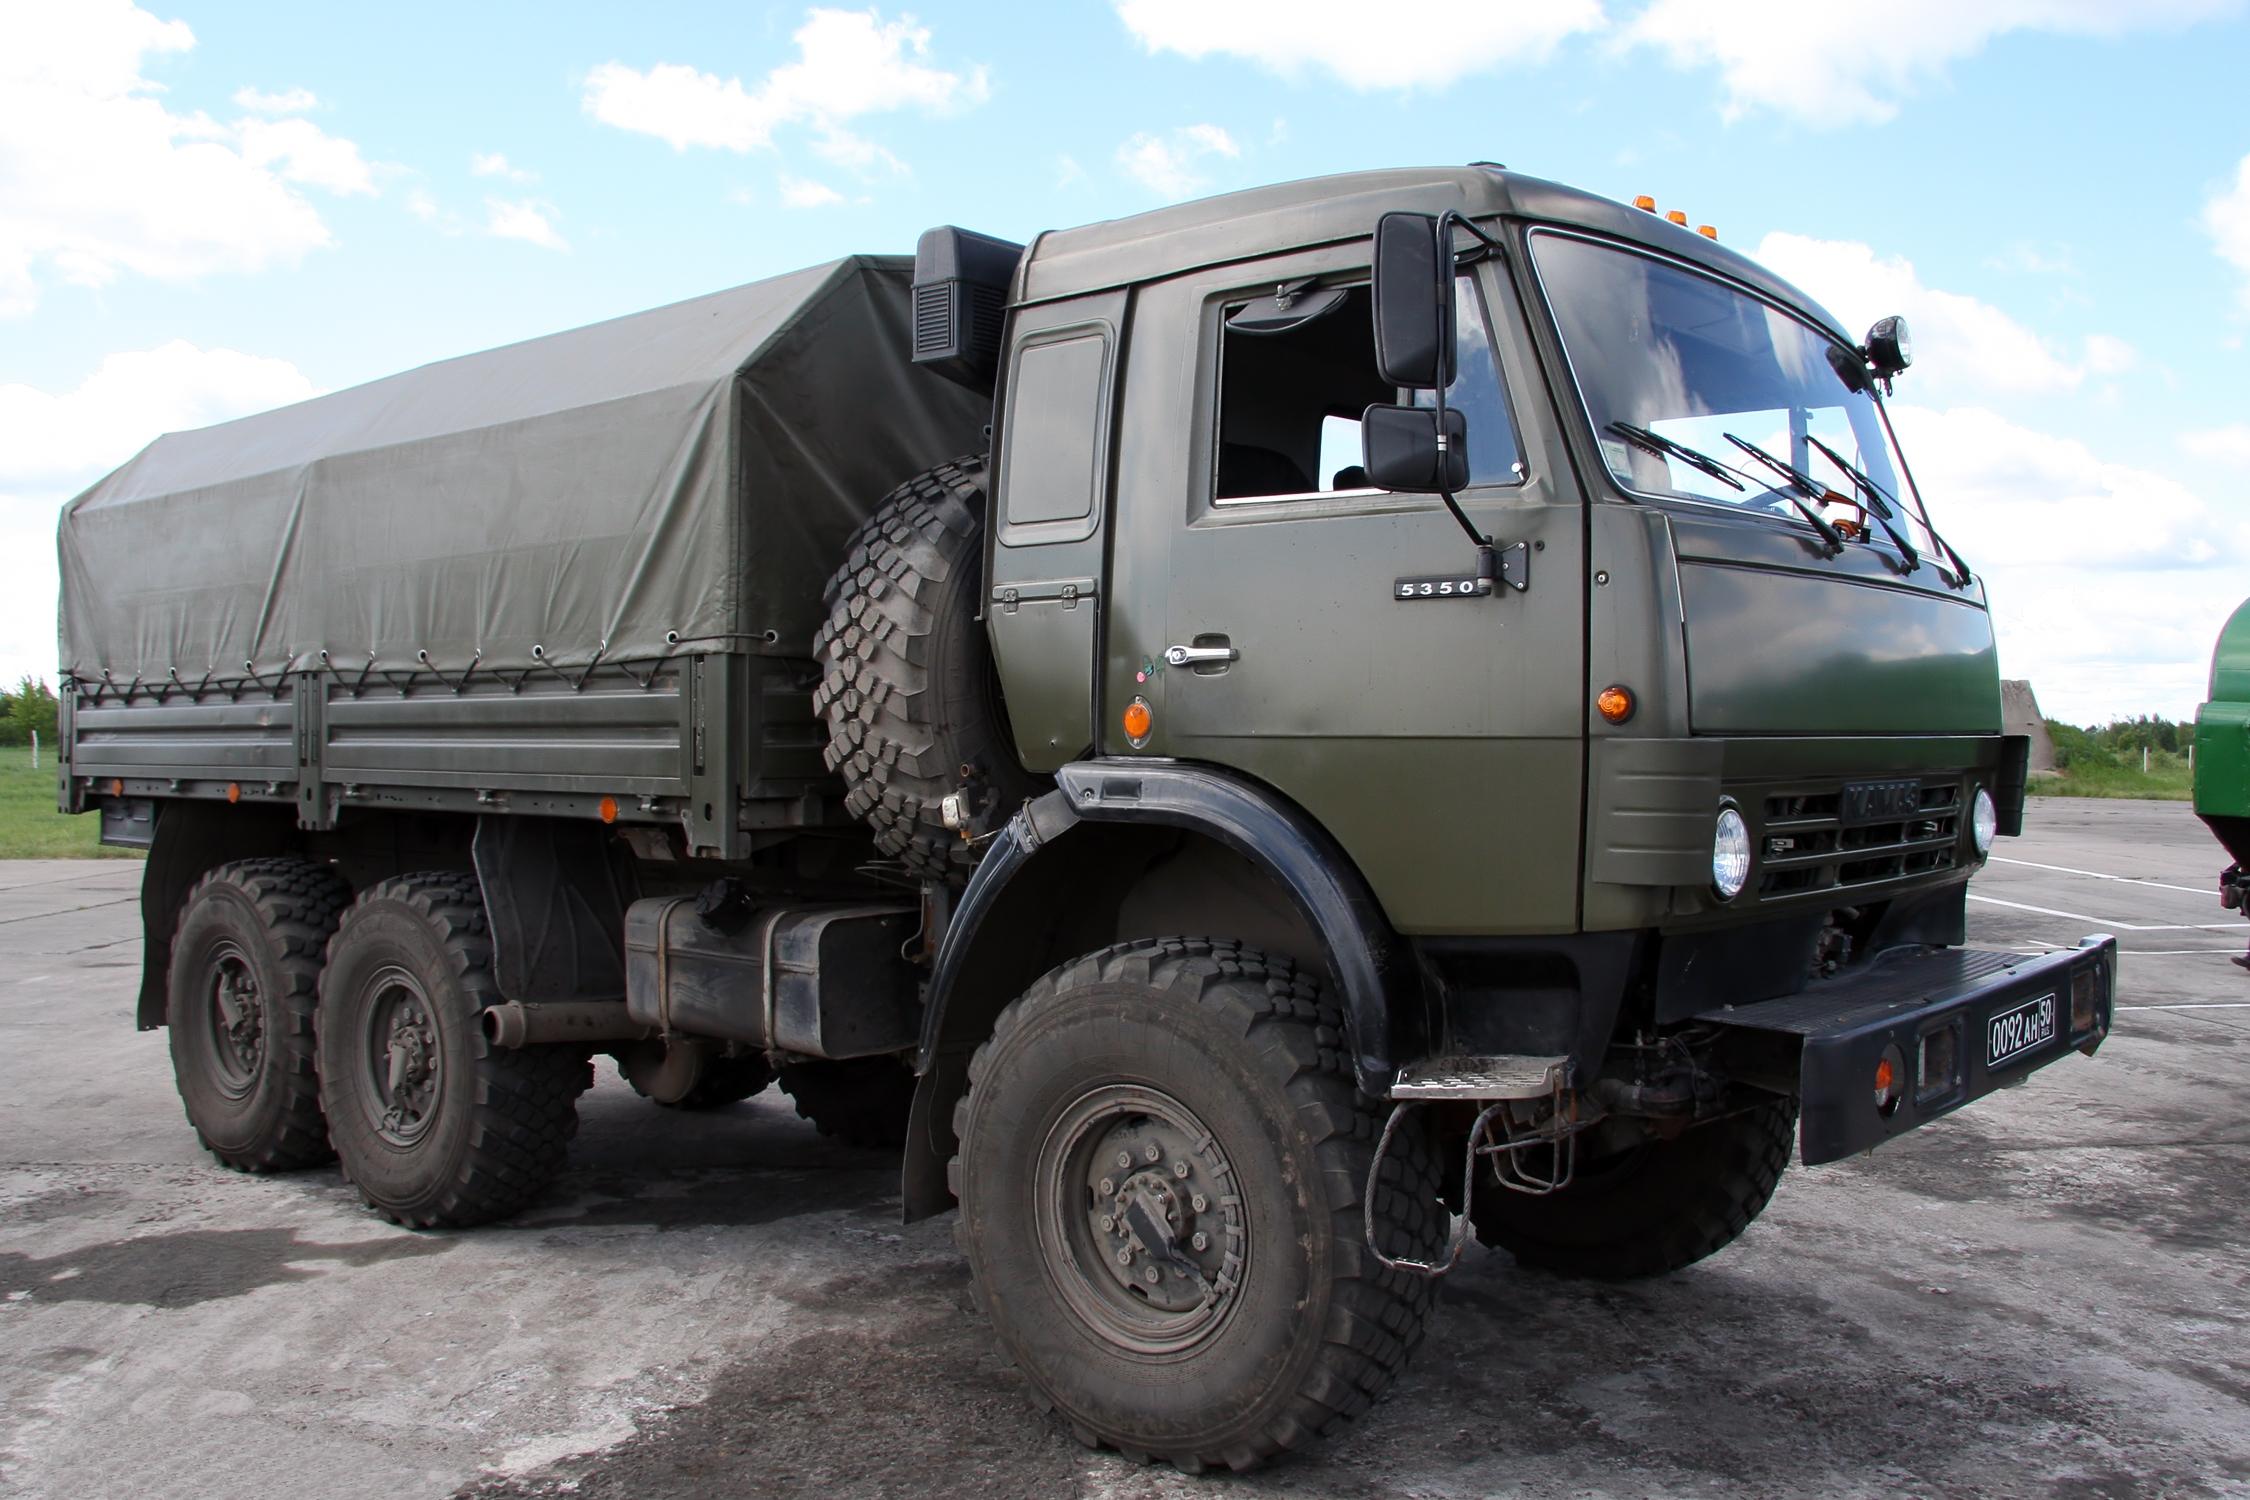 КамАЗ-5350 с крытым кузовом